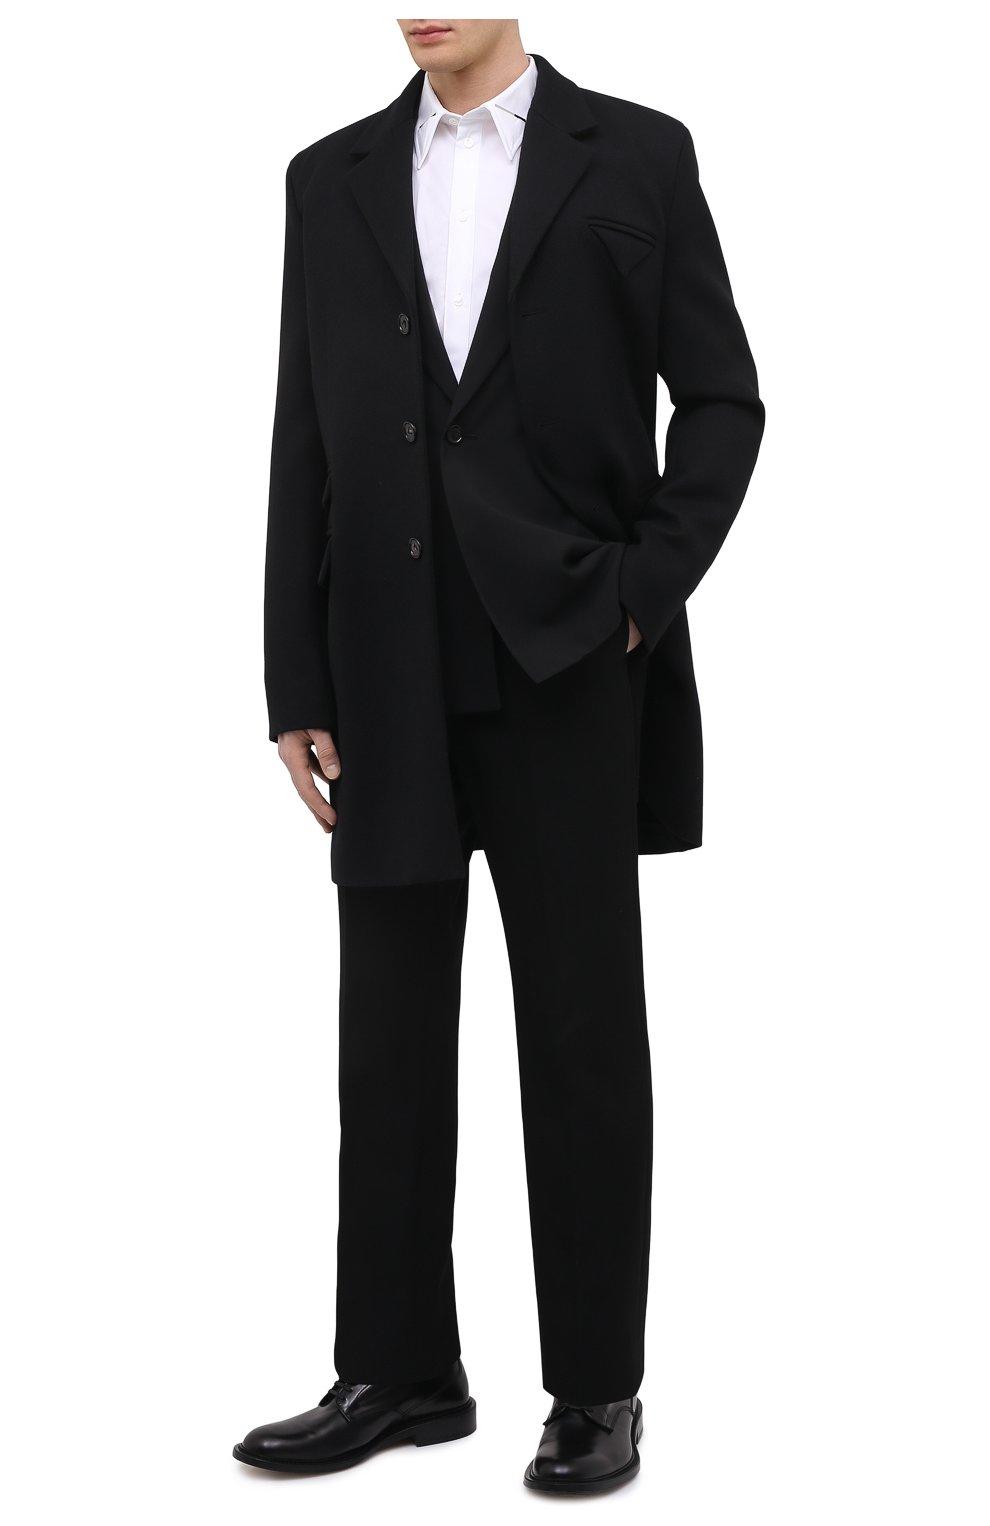 Мужской шерстяное пальто BOTTEGA VENETA черного цвета, арт. 659597/VKUU0 | Фото 2 (Материал внешний: Шерсть; Рукава: Длинные; Длина (верхняя одежда): До середины бедра; Стили: Классический, Минимализм; Материал подклада: Вискоза; Мужское Кросс-КТ: пальто-верхняя одежда)